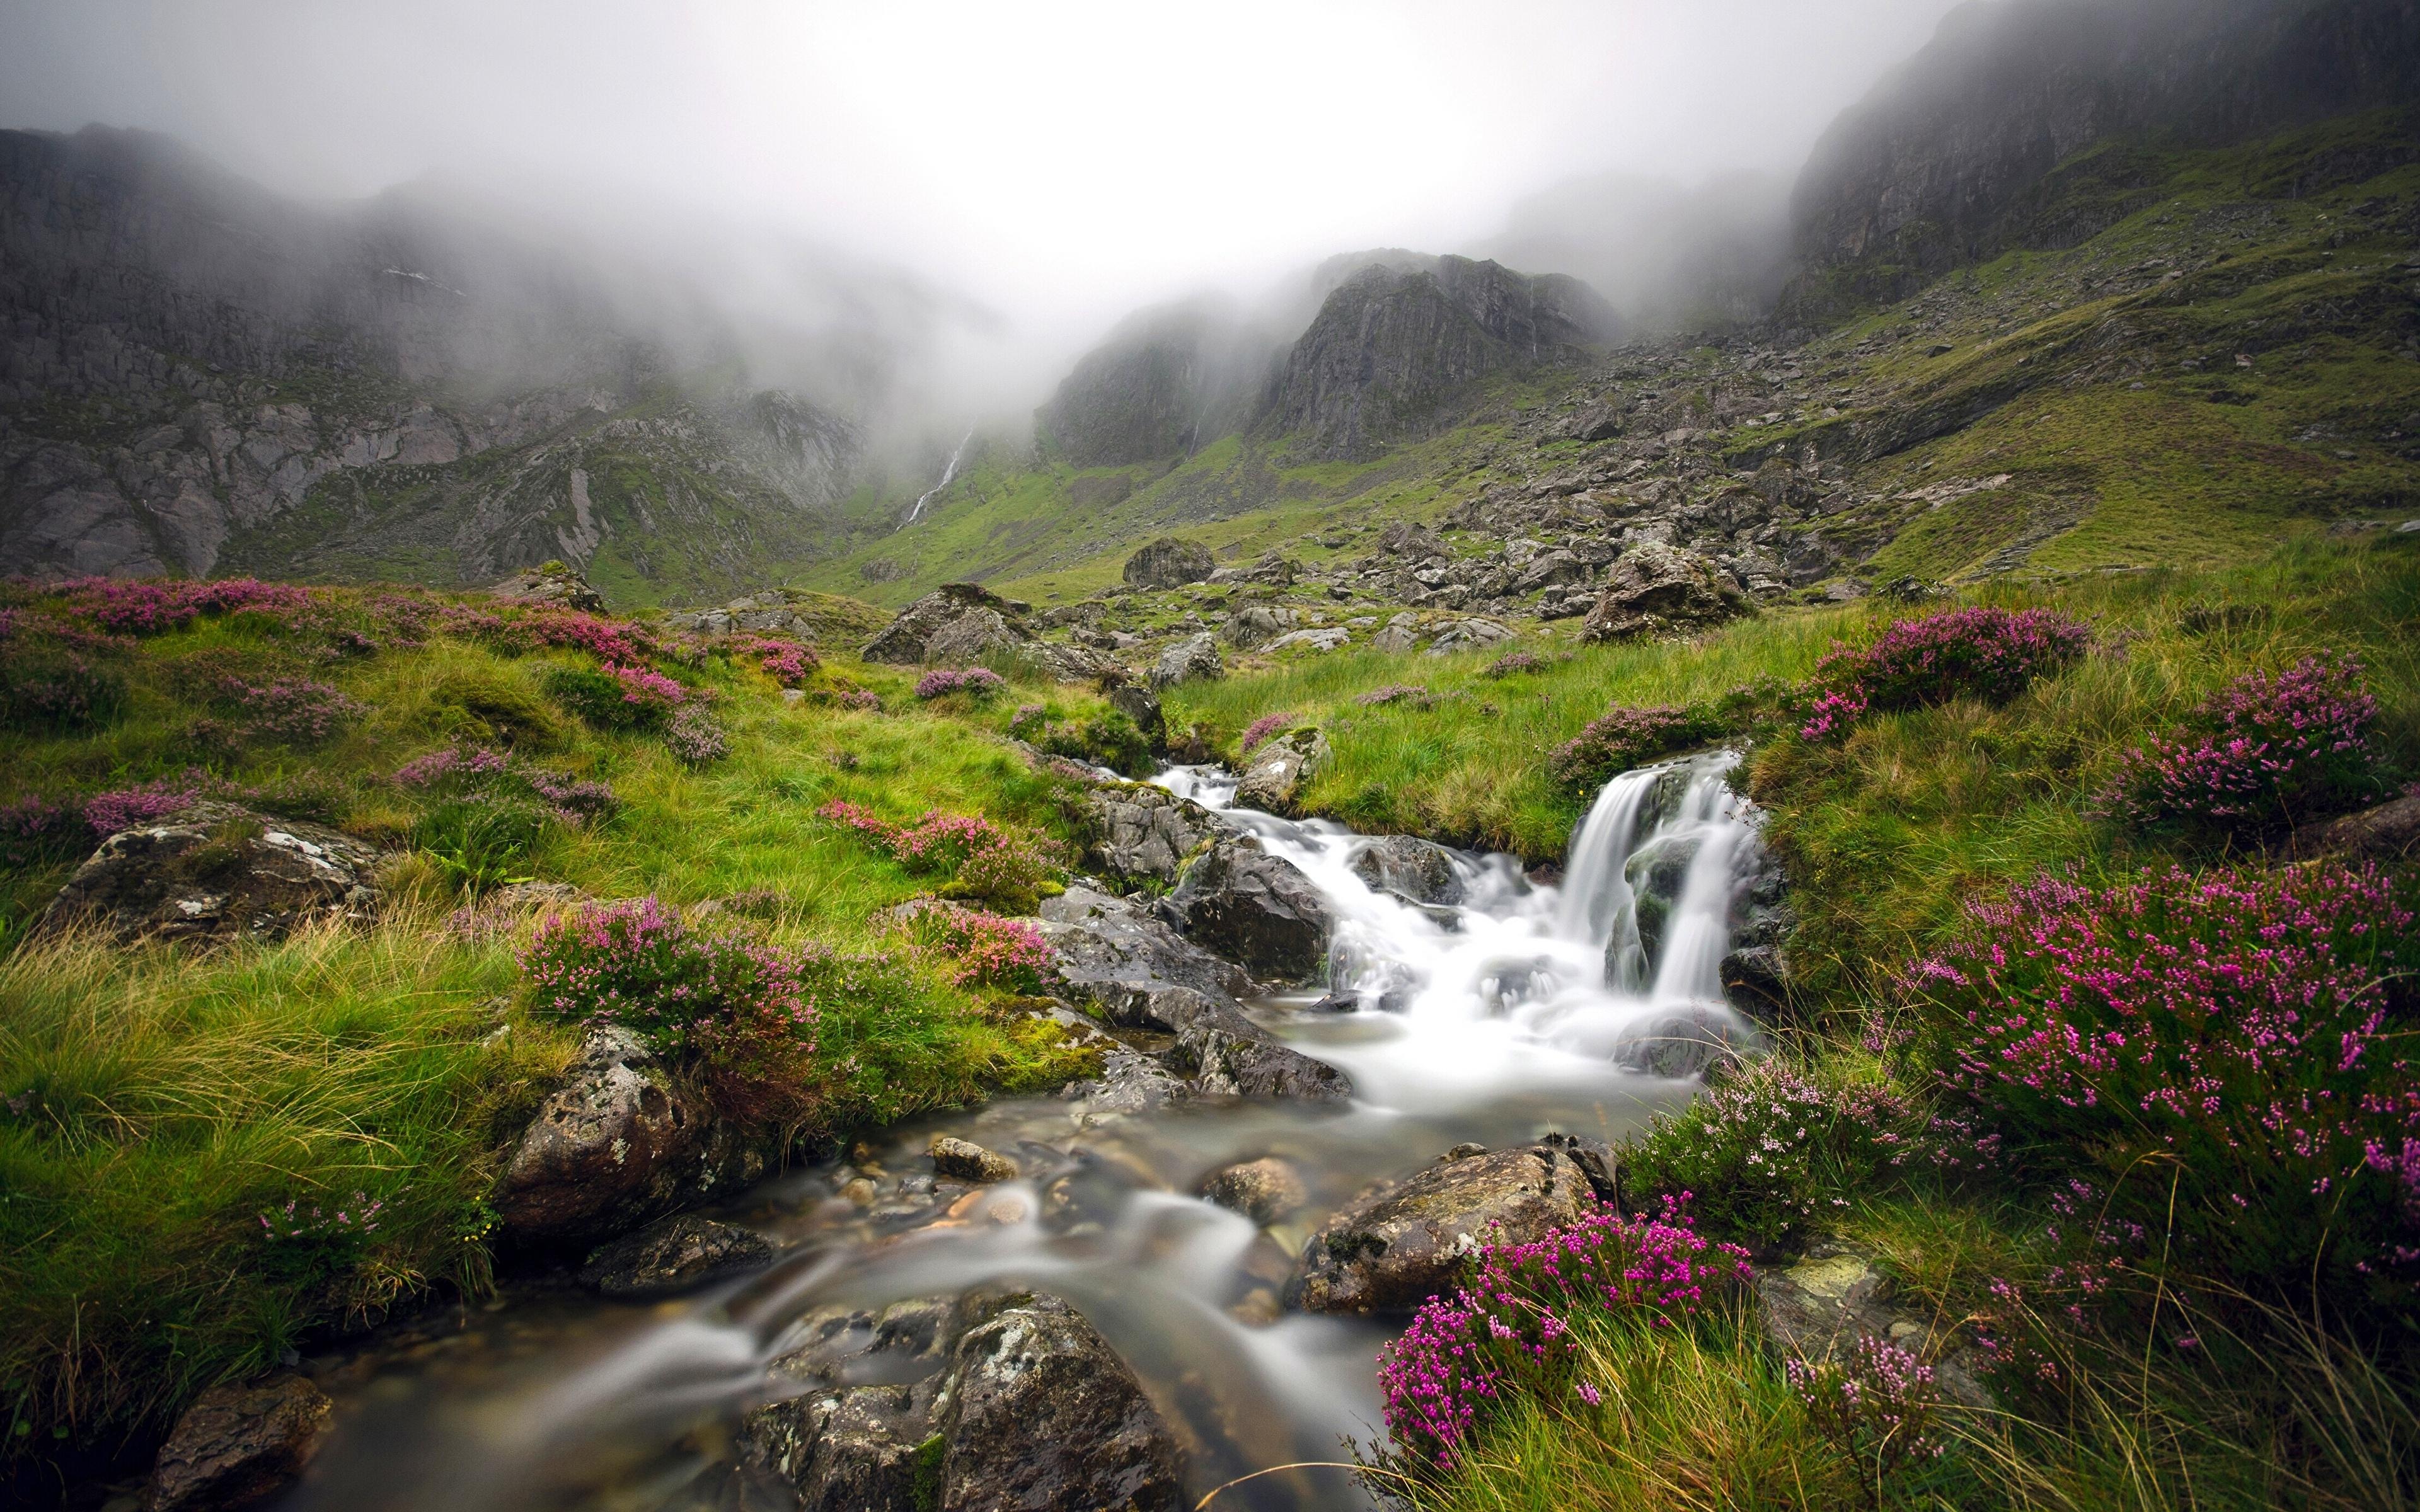 природа река камни трава Сноудон гора бесплатно